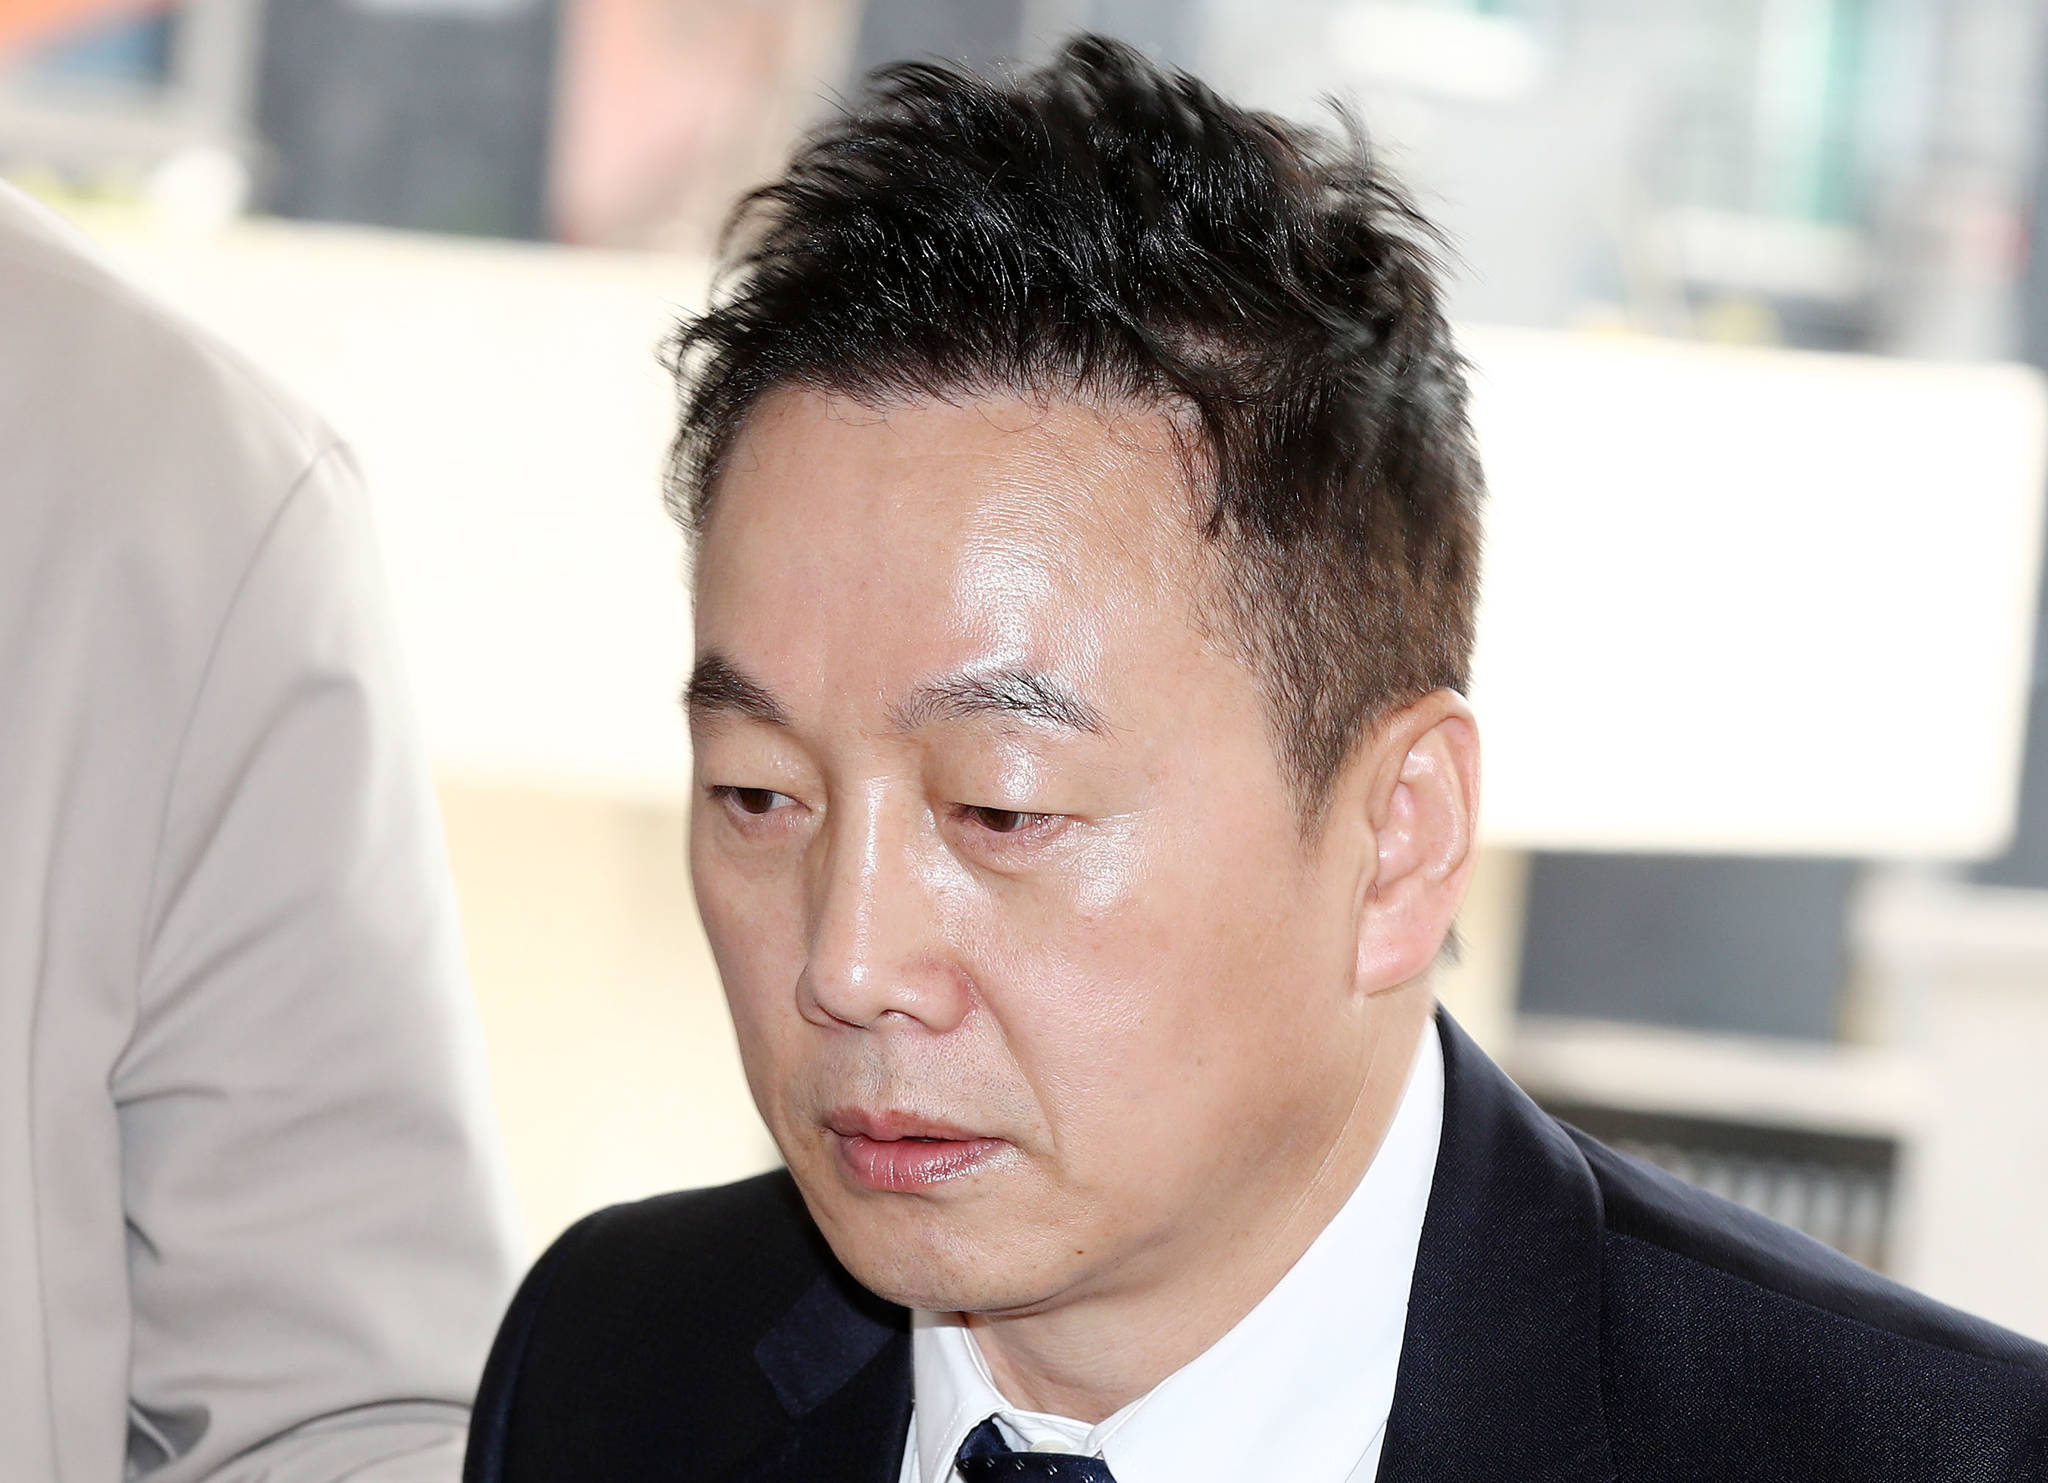 정봉주 전 의원이 두 번째 피고소인 조사를 받기 위해 27일 오전 서울지방경찰청 지능범죄수사대로 들어서고 있다. [연합뉴스]